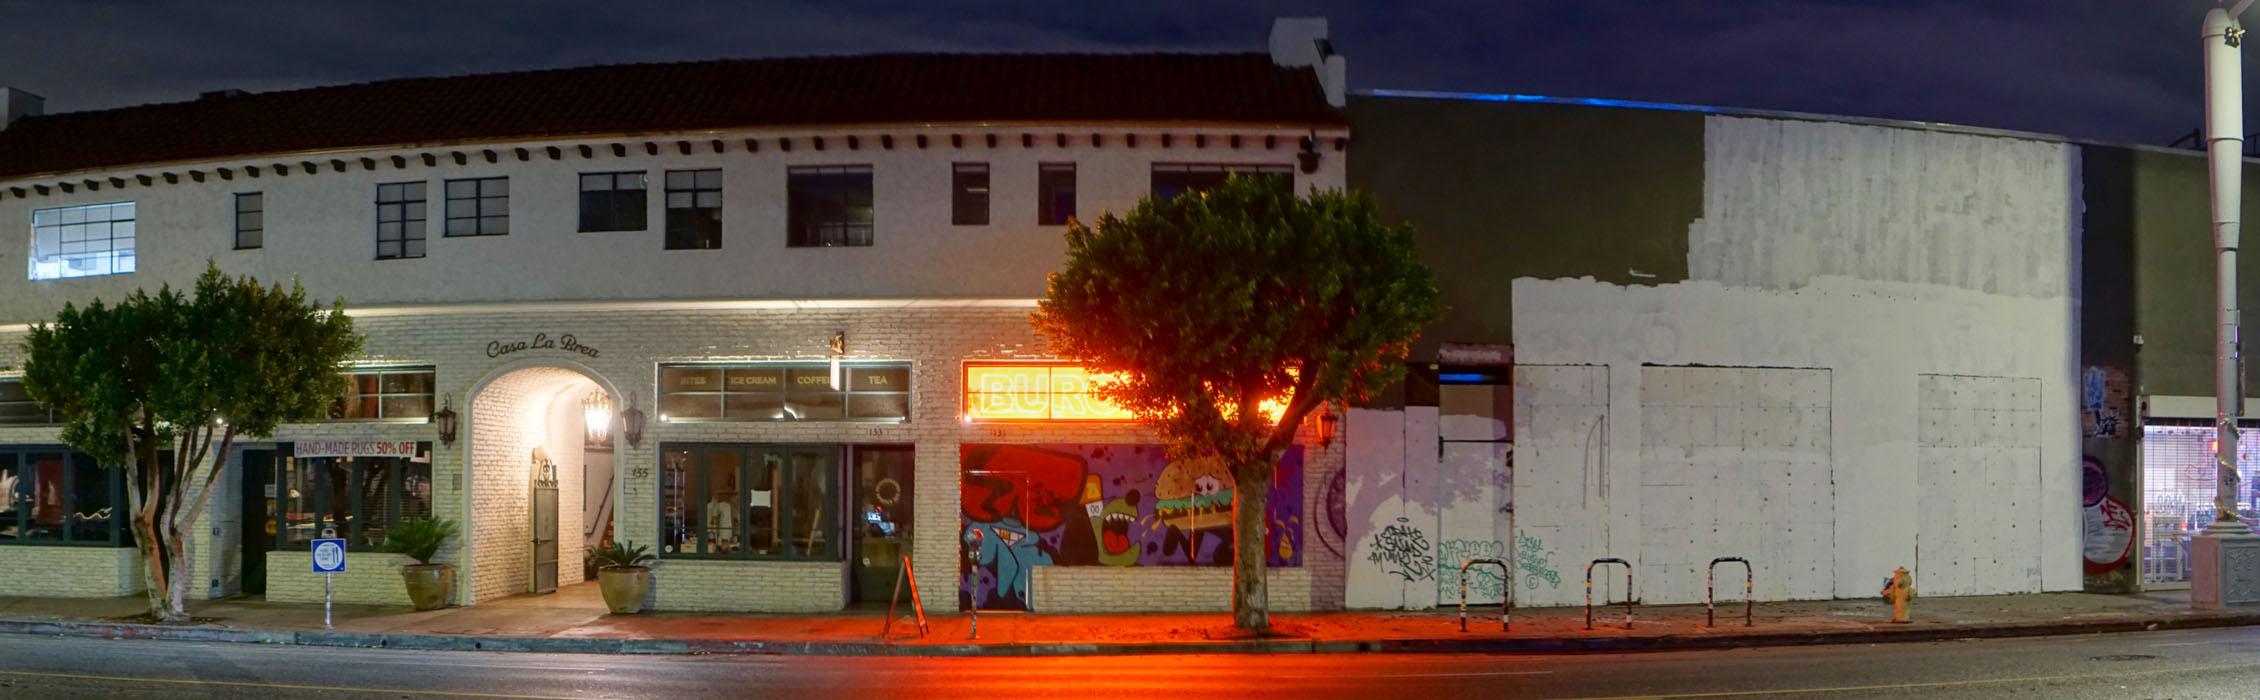 Burgers 99 Exterior